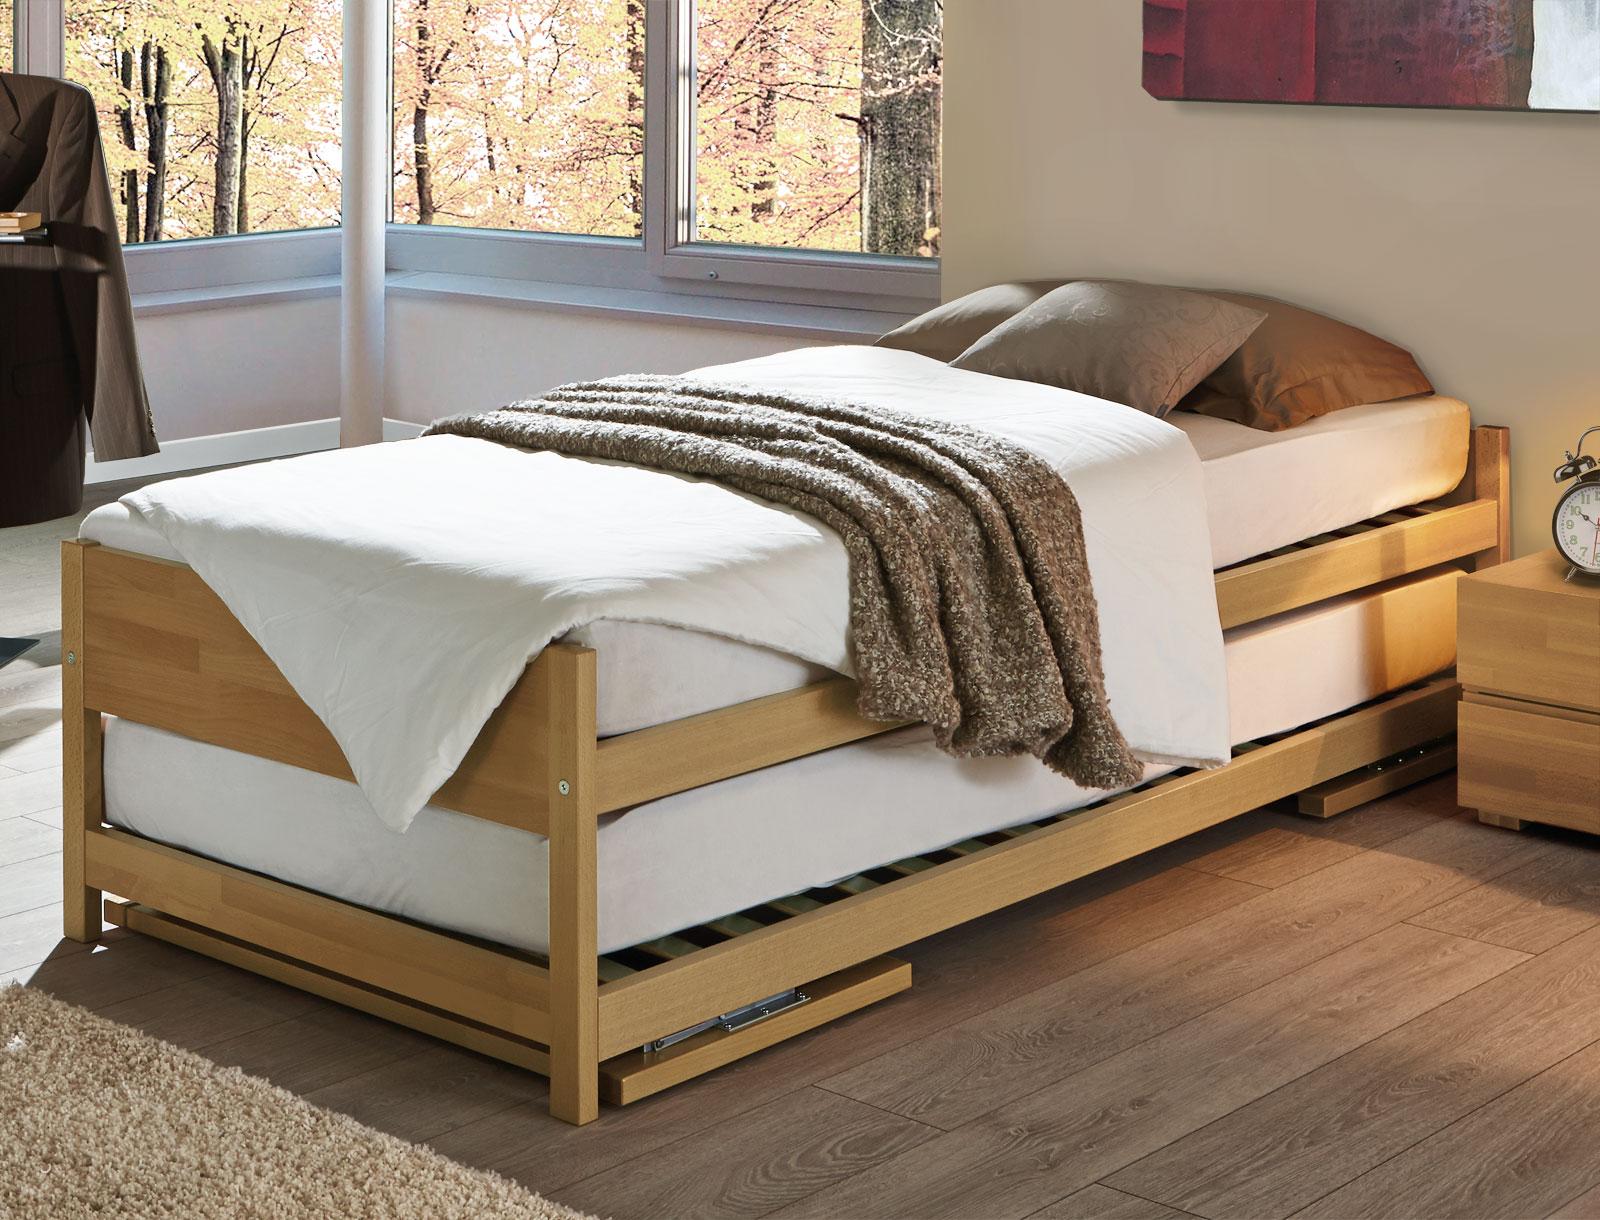 Full Size of Bett Platzsparend Zwei Betten Gleicher Gre Unser Ausziehbett On Top Münster 2x2m Stauraum Prinzessinen Jugend 200x200 140x200 Günstige Komforthöhe 90x200 Bett Bett Platzsparend